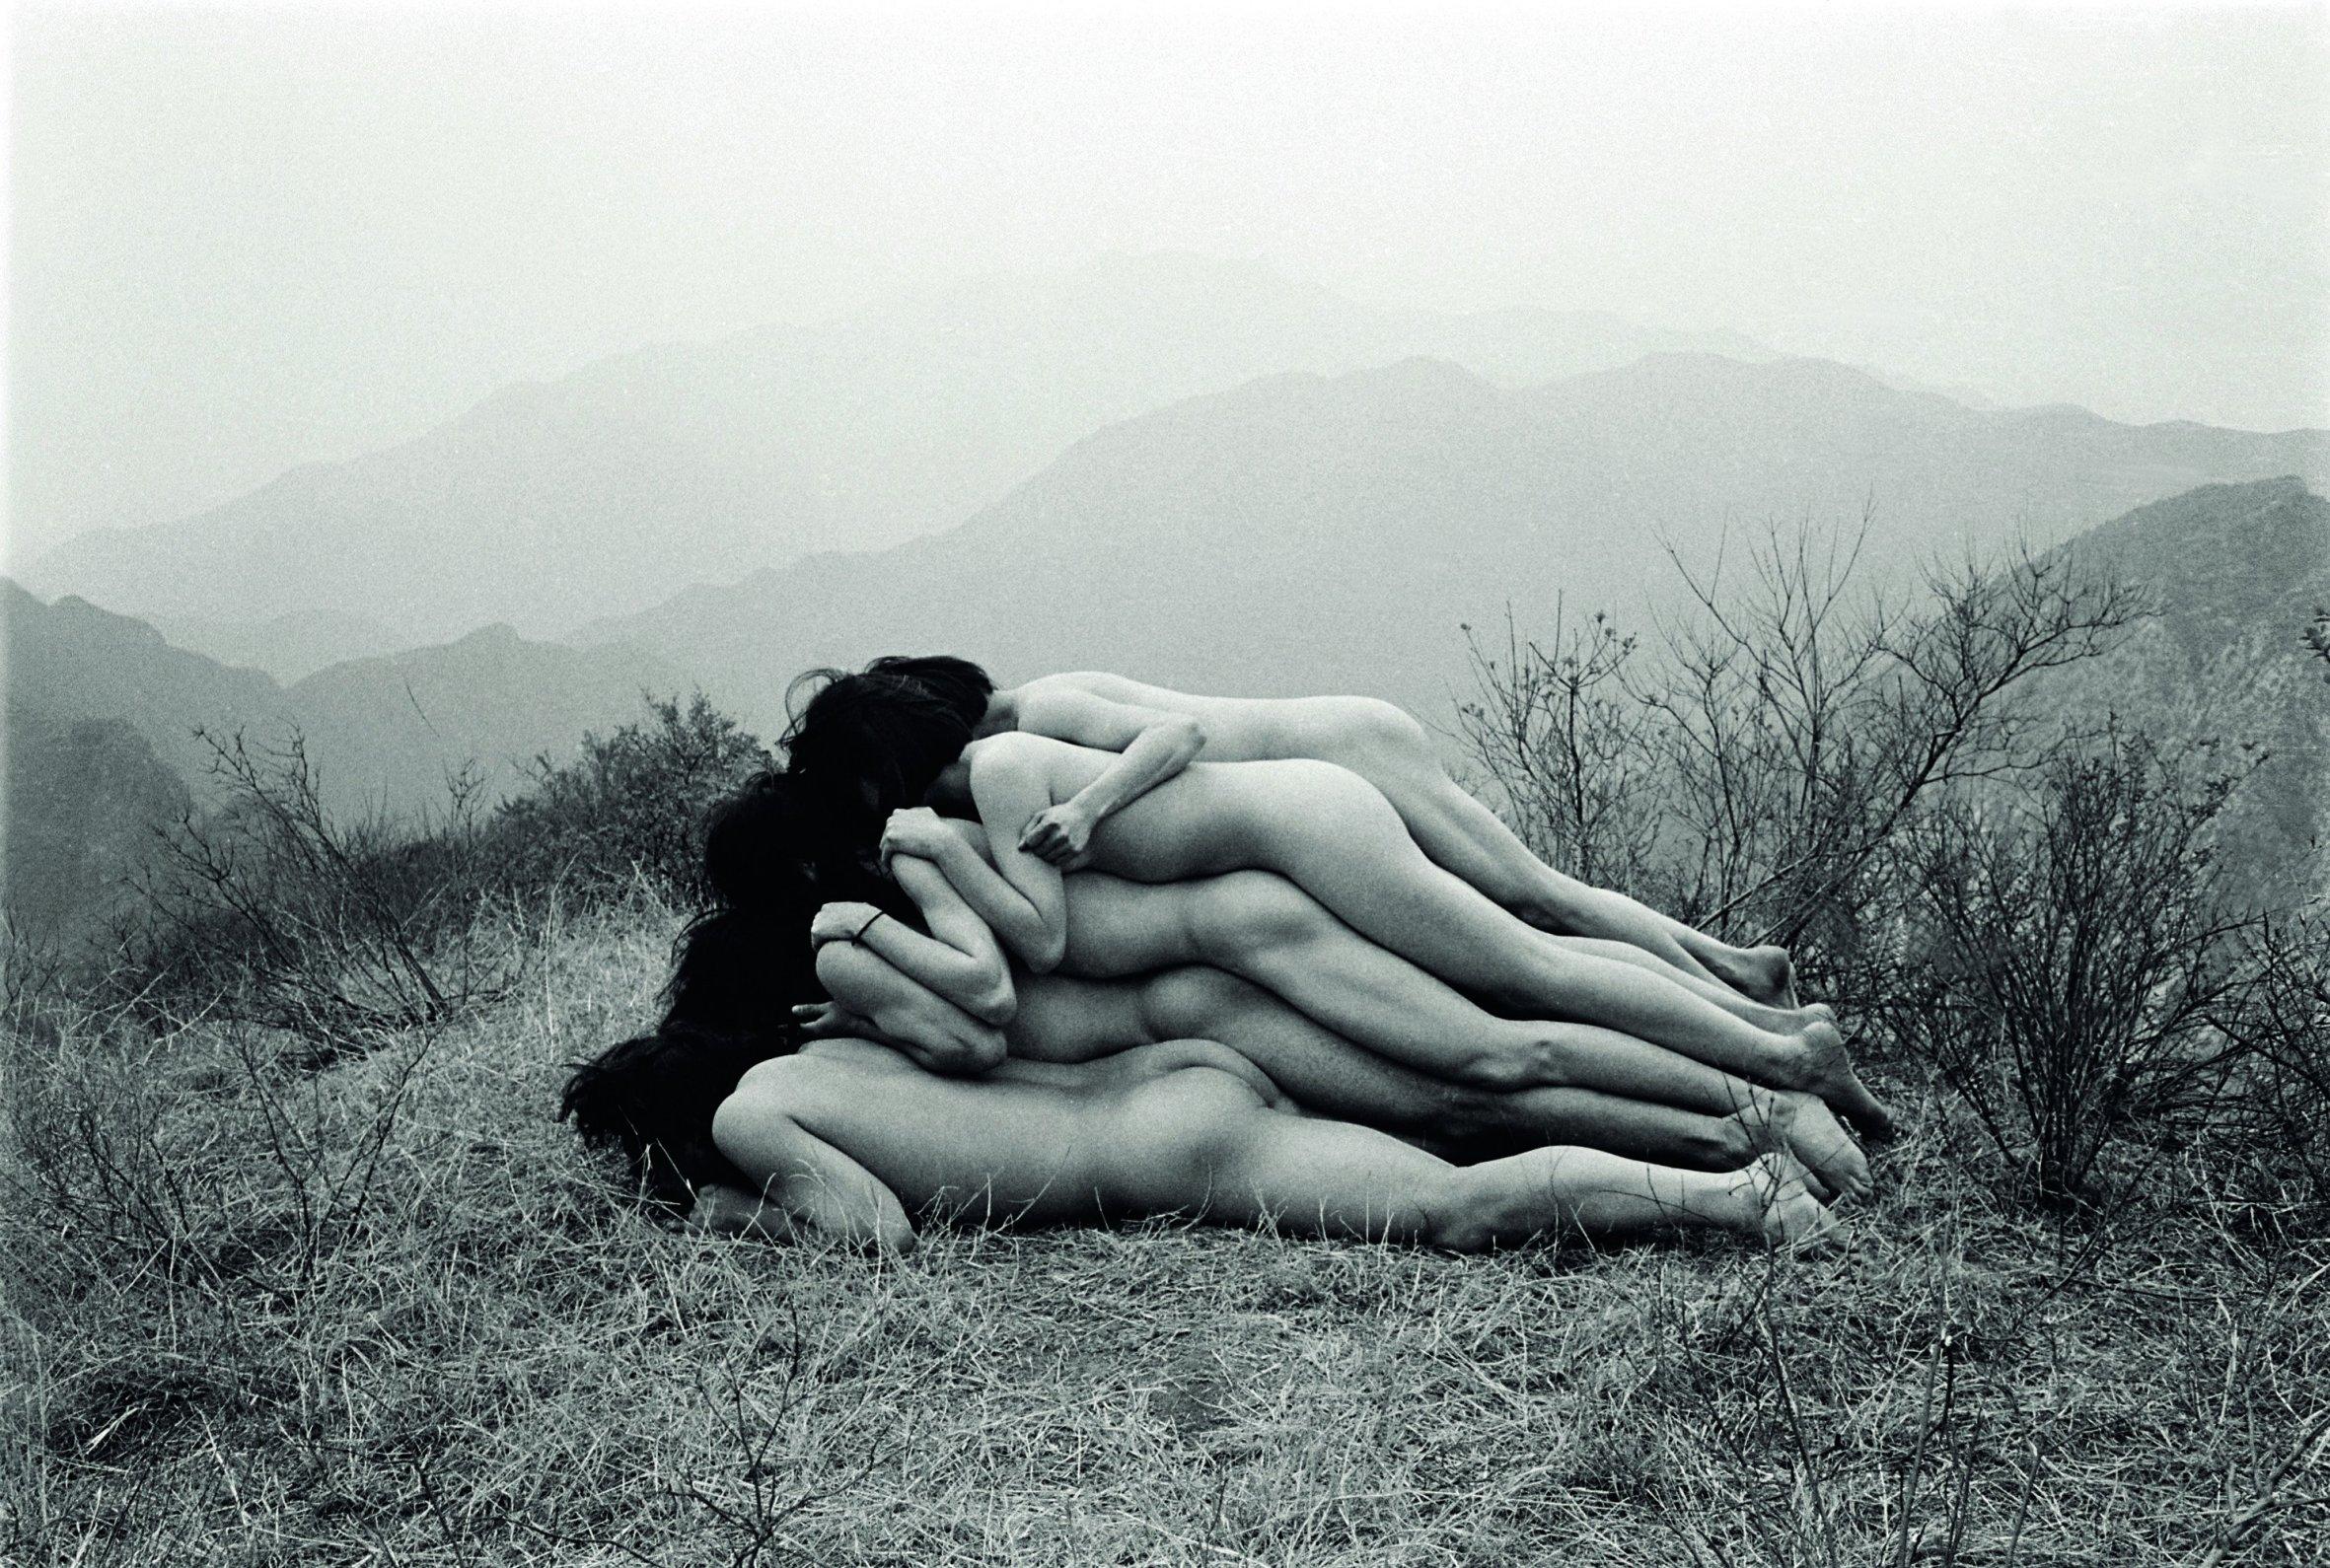 Arte - Zhang Huan 12